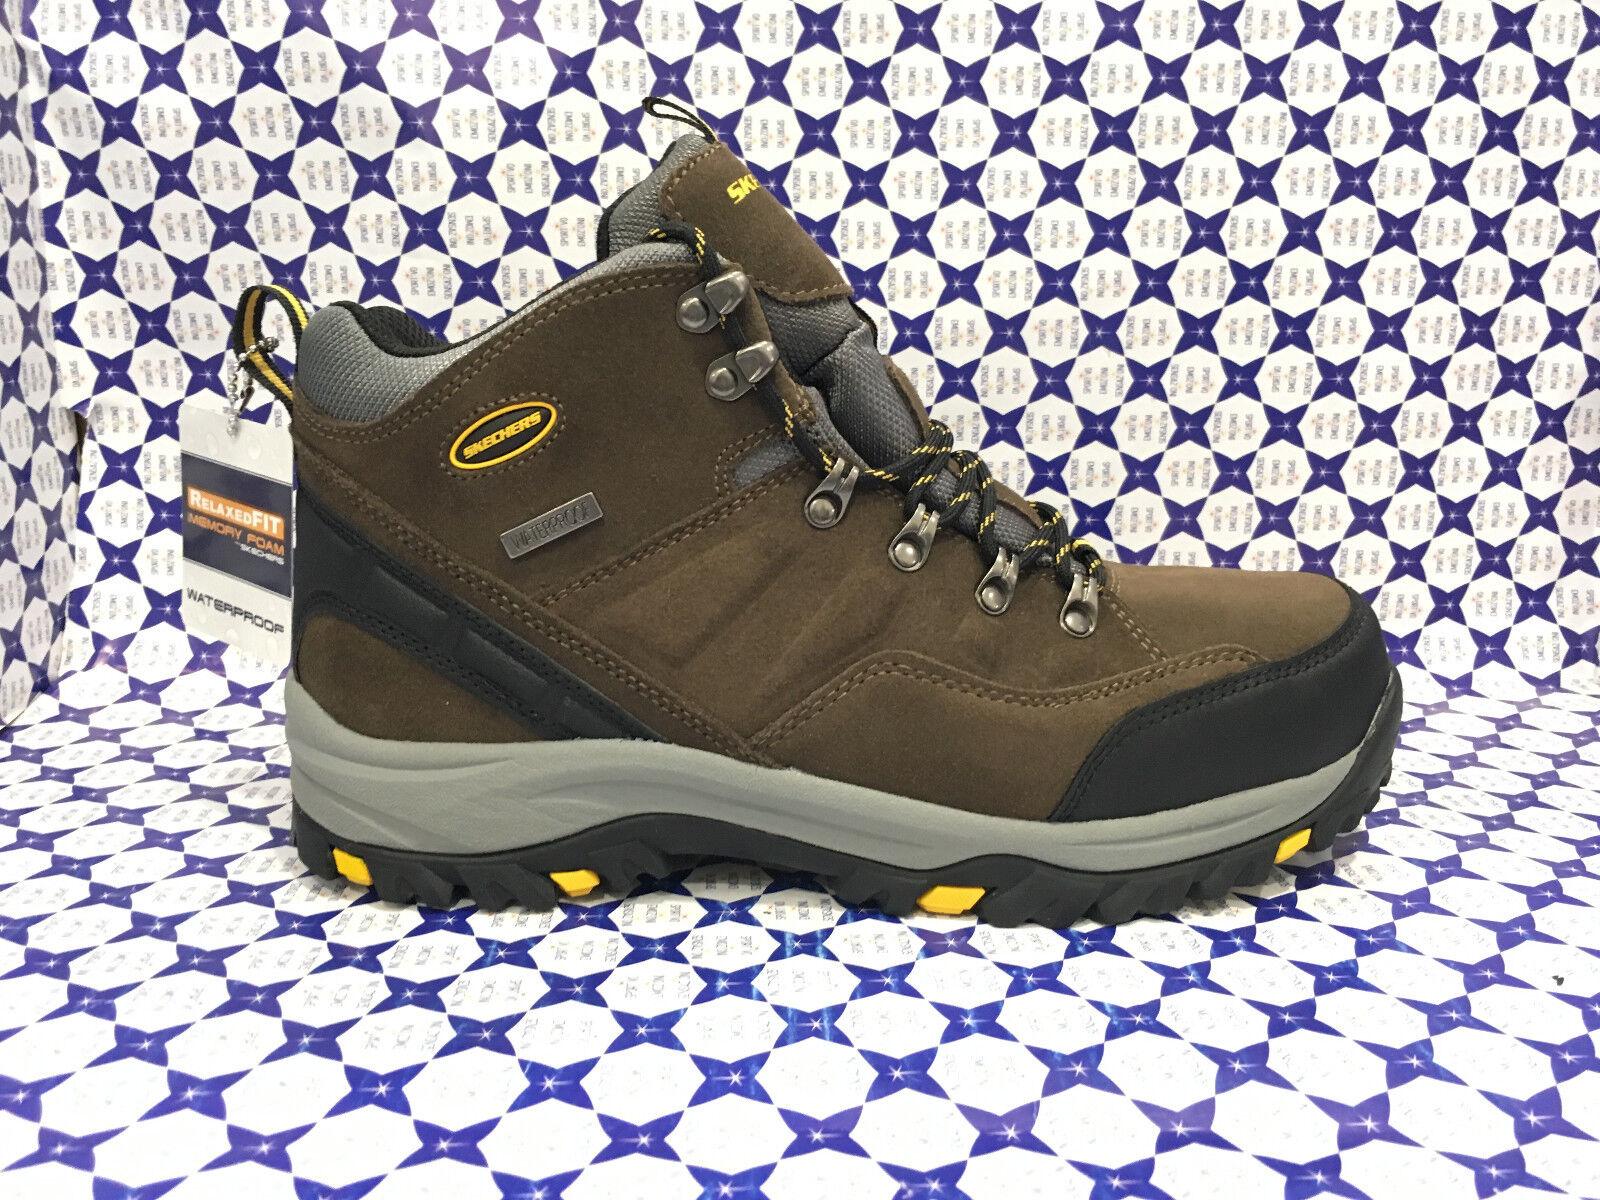 shoes Trekking Skechers men - Relment Pelmo Waterproof - brown - 64869